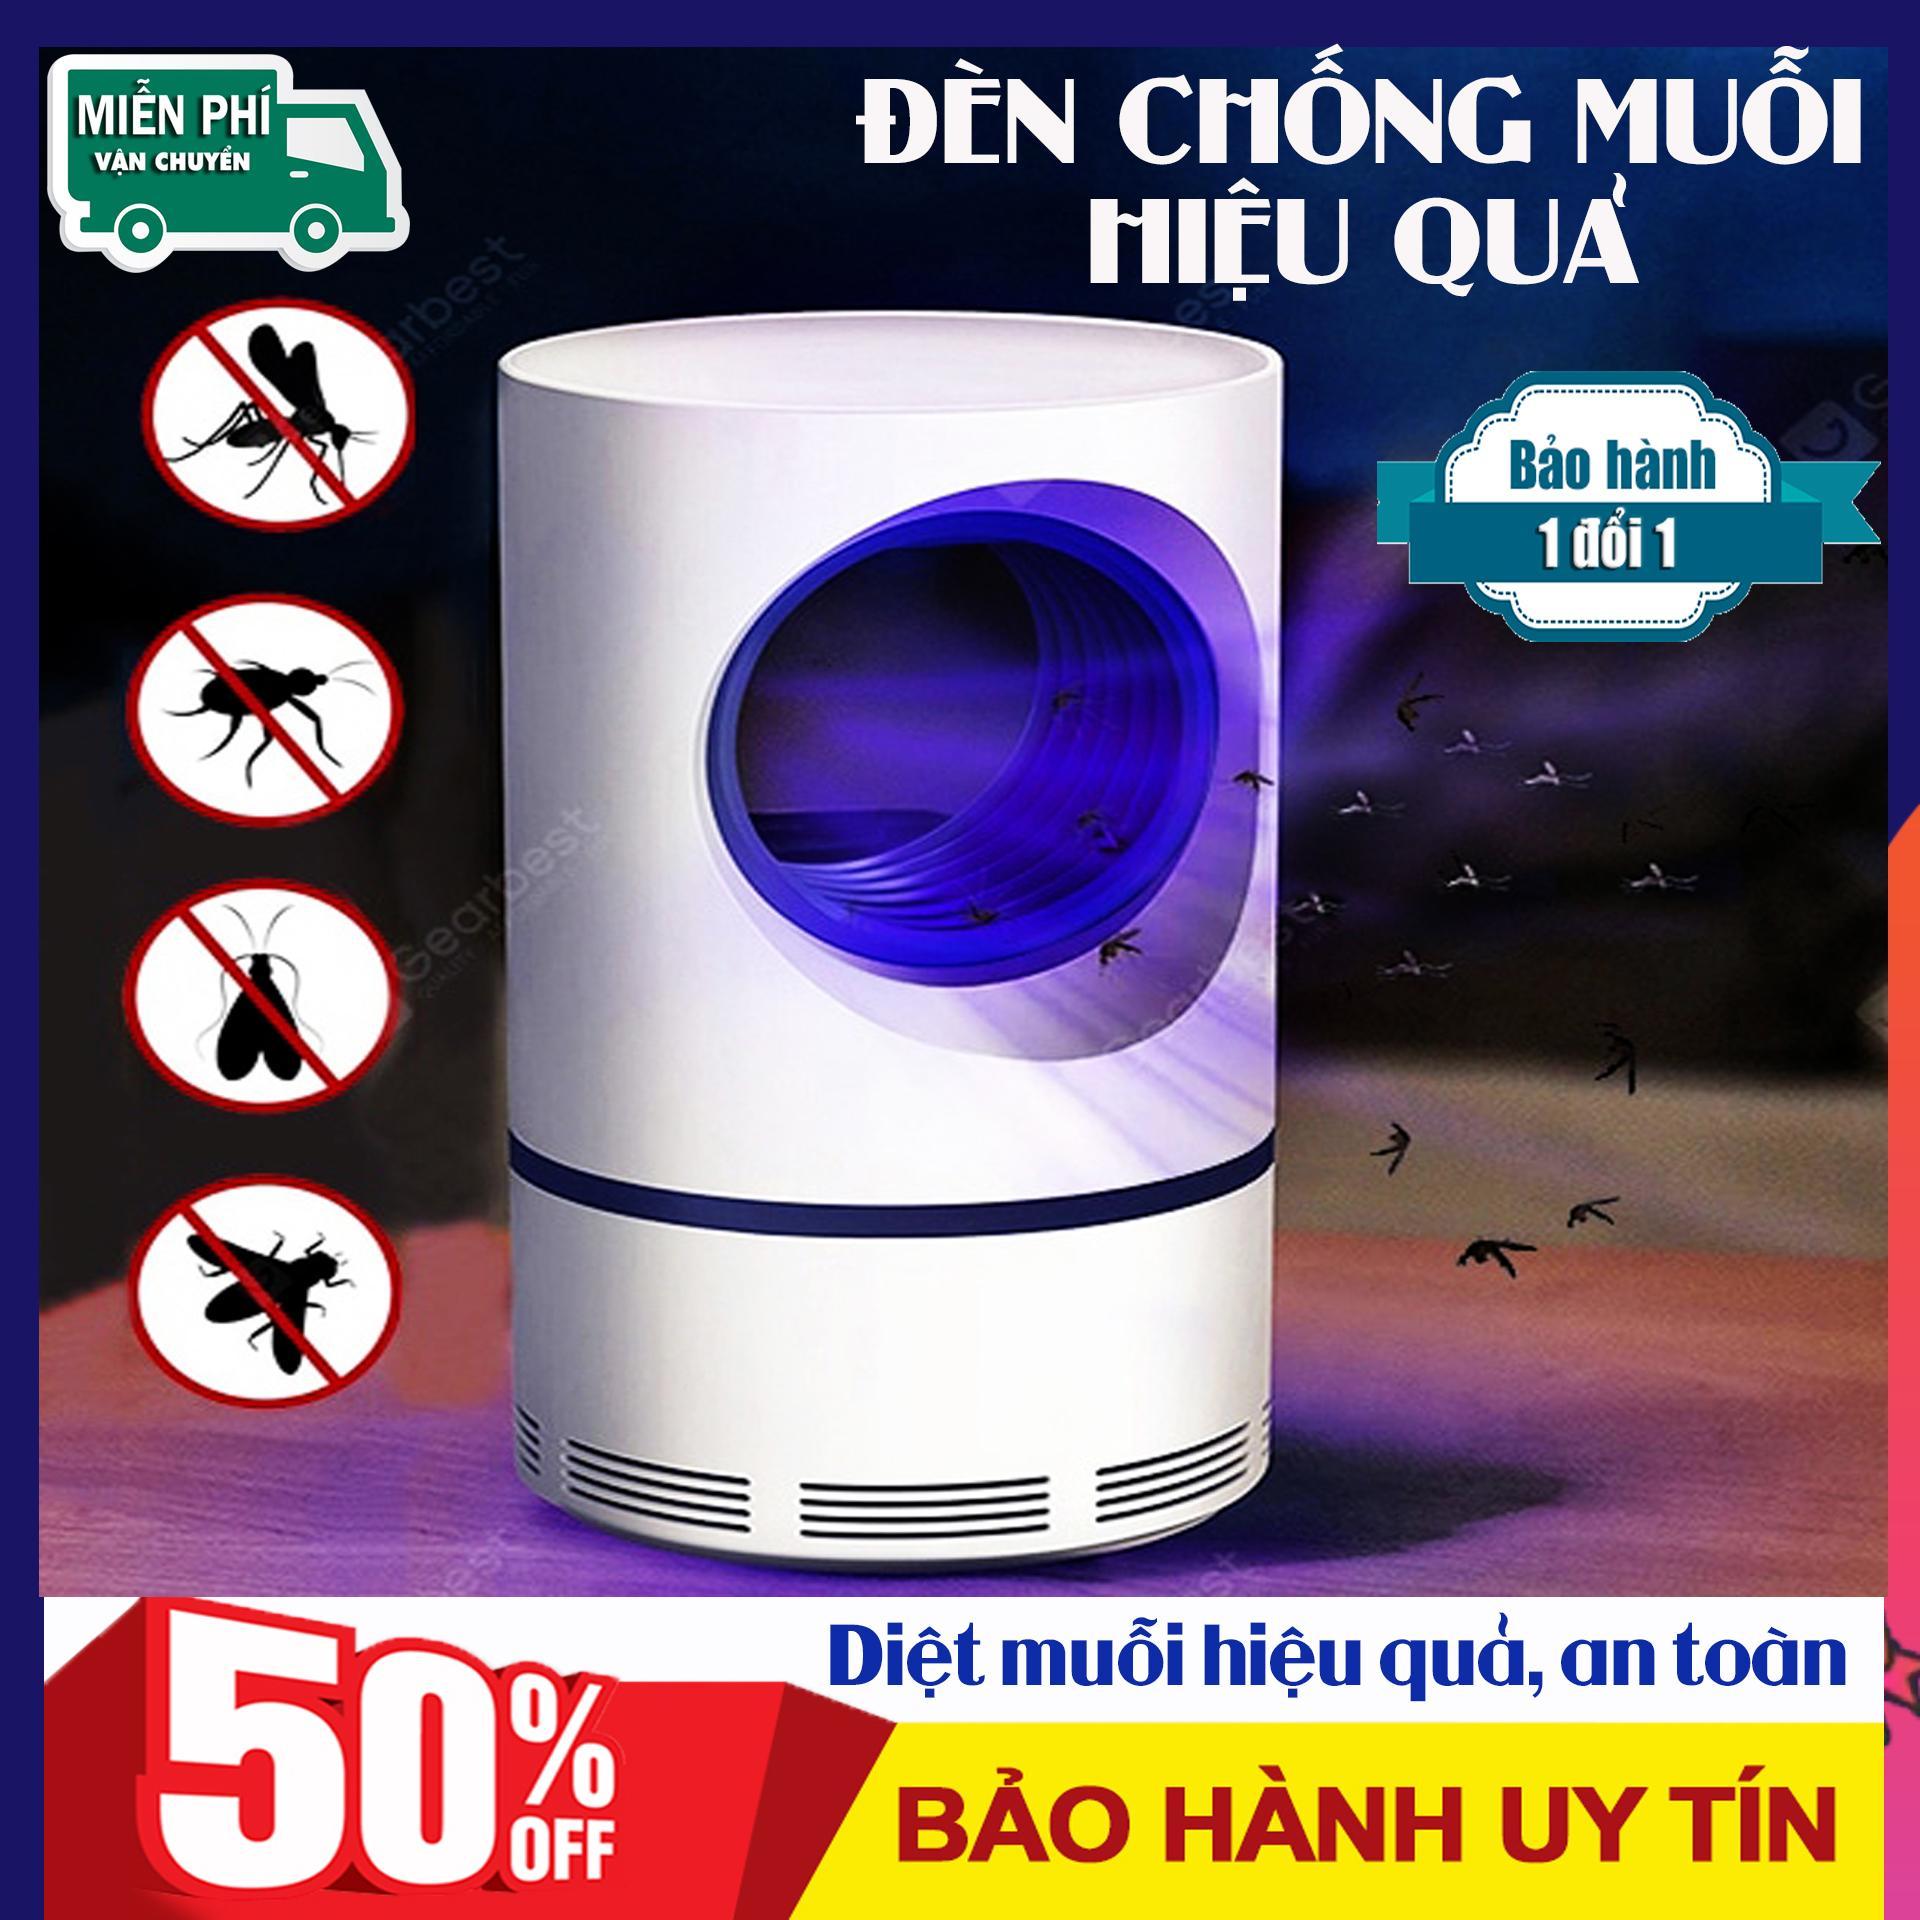 Đèn hút muỗi hiệu quả cho gia đình, Máy bắt muỗi thông minh an toàn cho bé, Thiết bị bắt muỗi diệt côn trùng. Thiết kế đèn UV thu hút muỗi, an toàn đối với con người. Bảo hành tại BBINSTORE